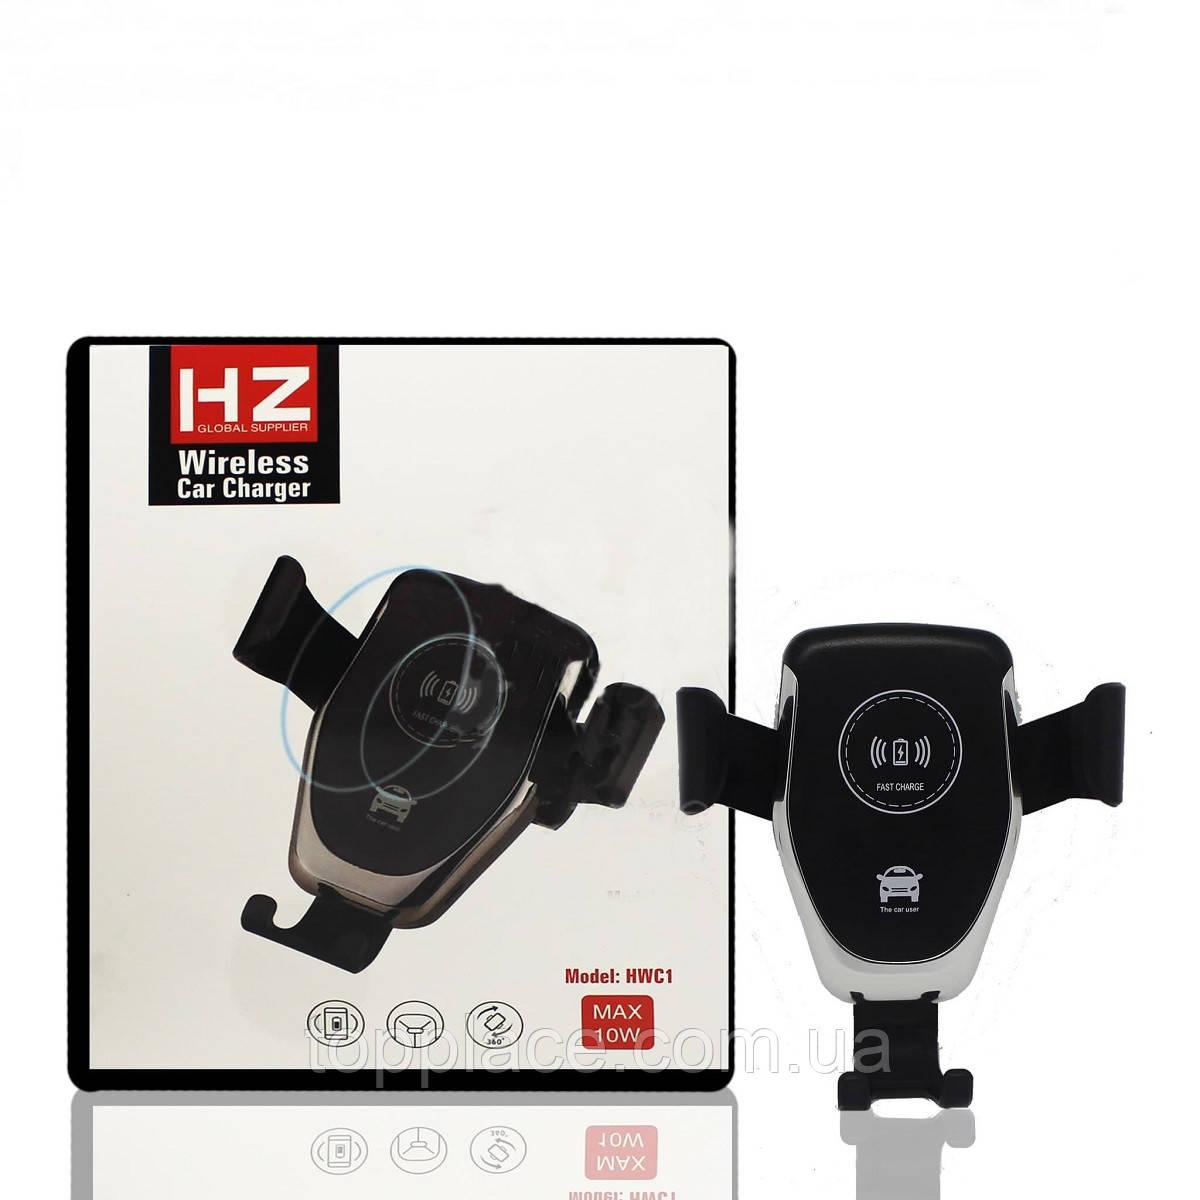 Автомобильный держатель HZ Wireless Car Charger c беспроводной зарядкой